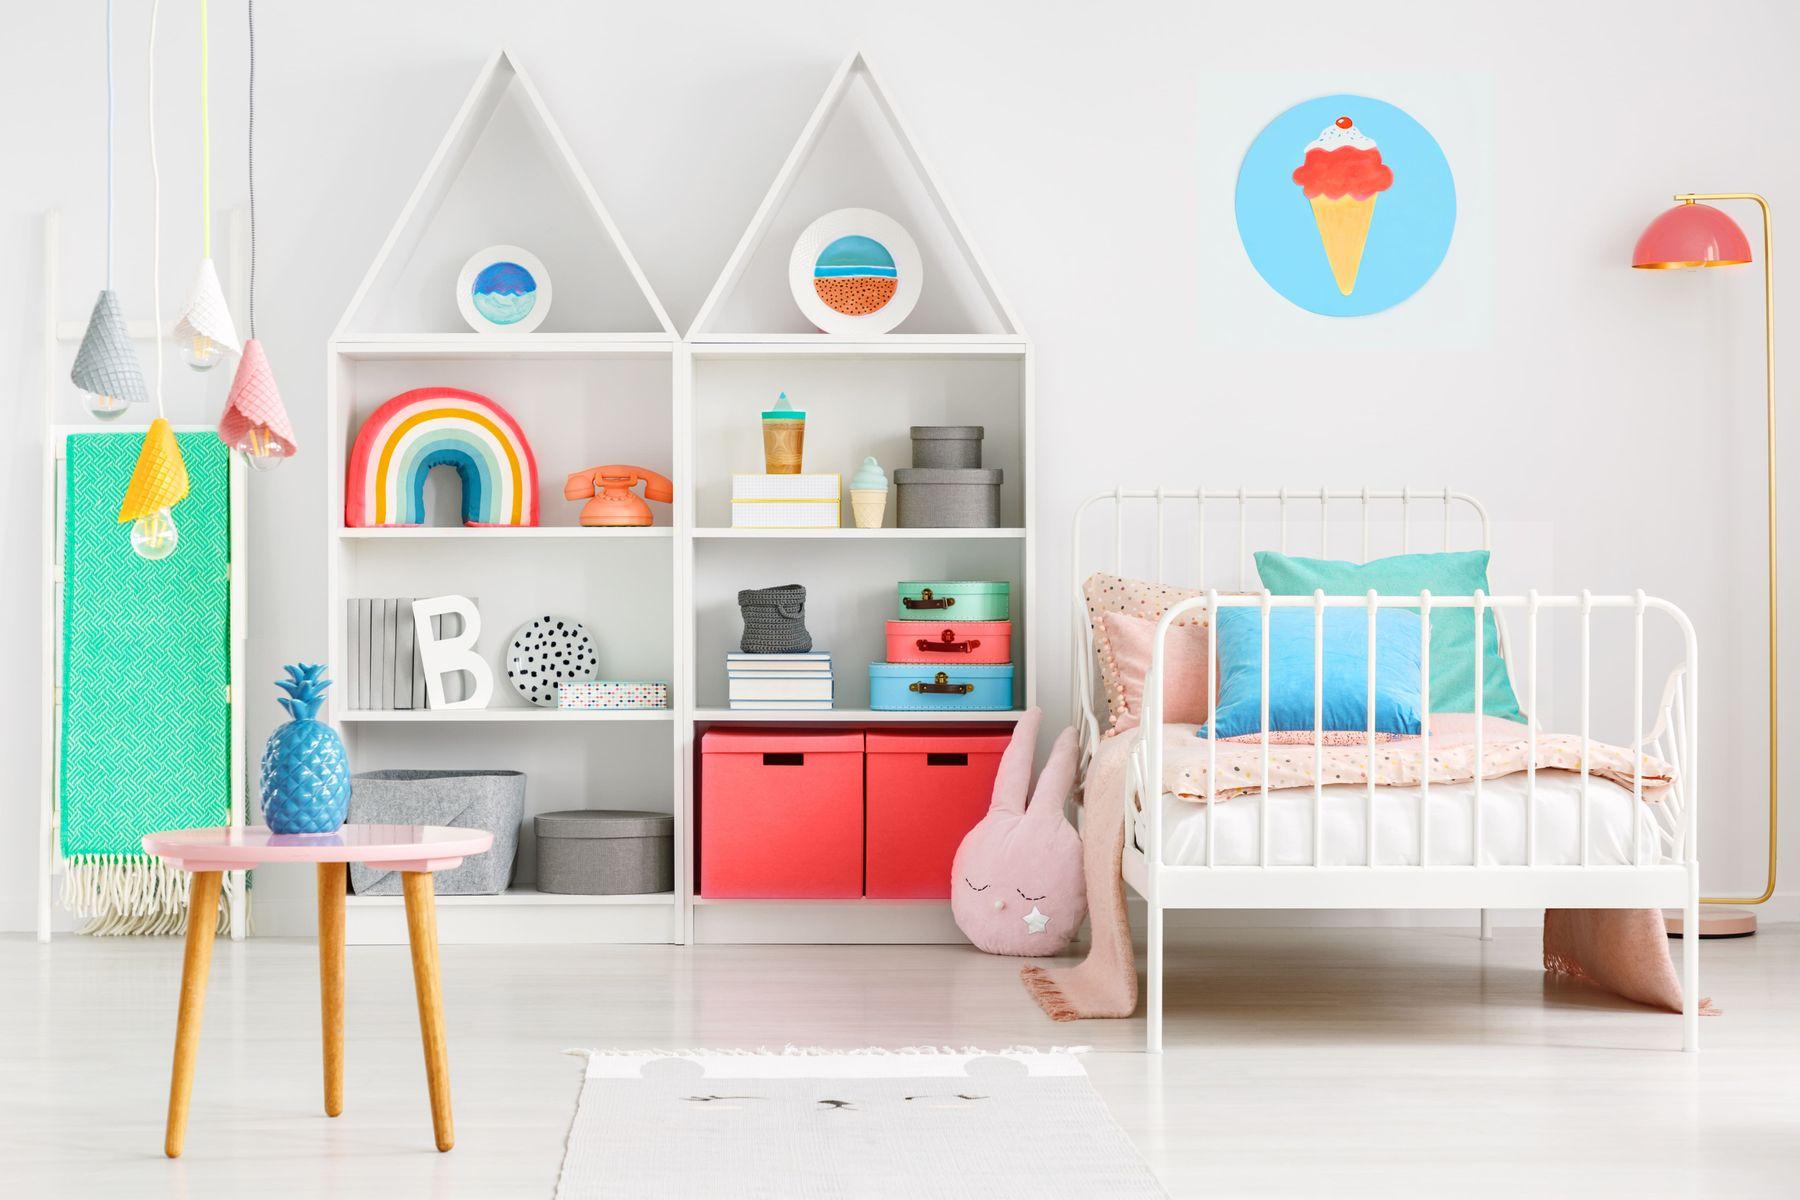 cameretta con mobili bianchi e giocattoli colorati